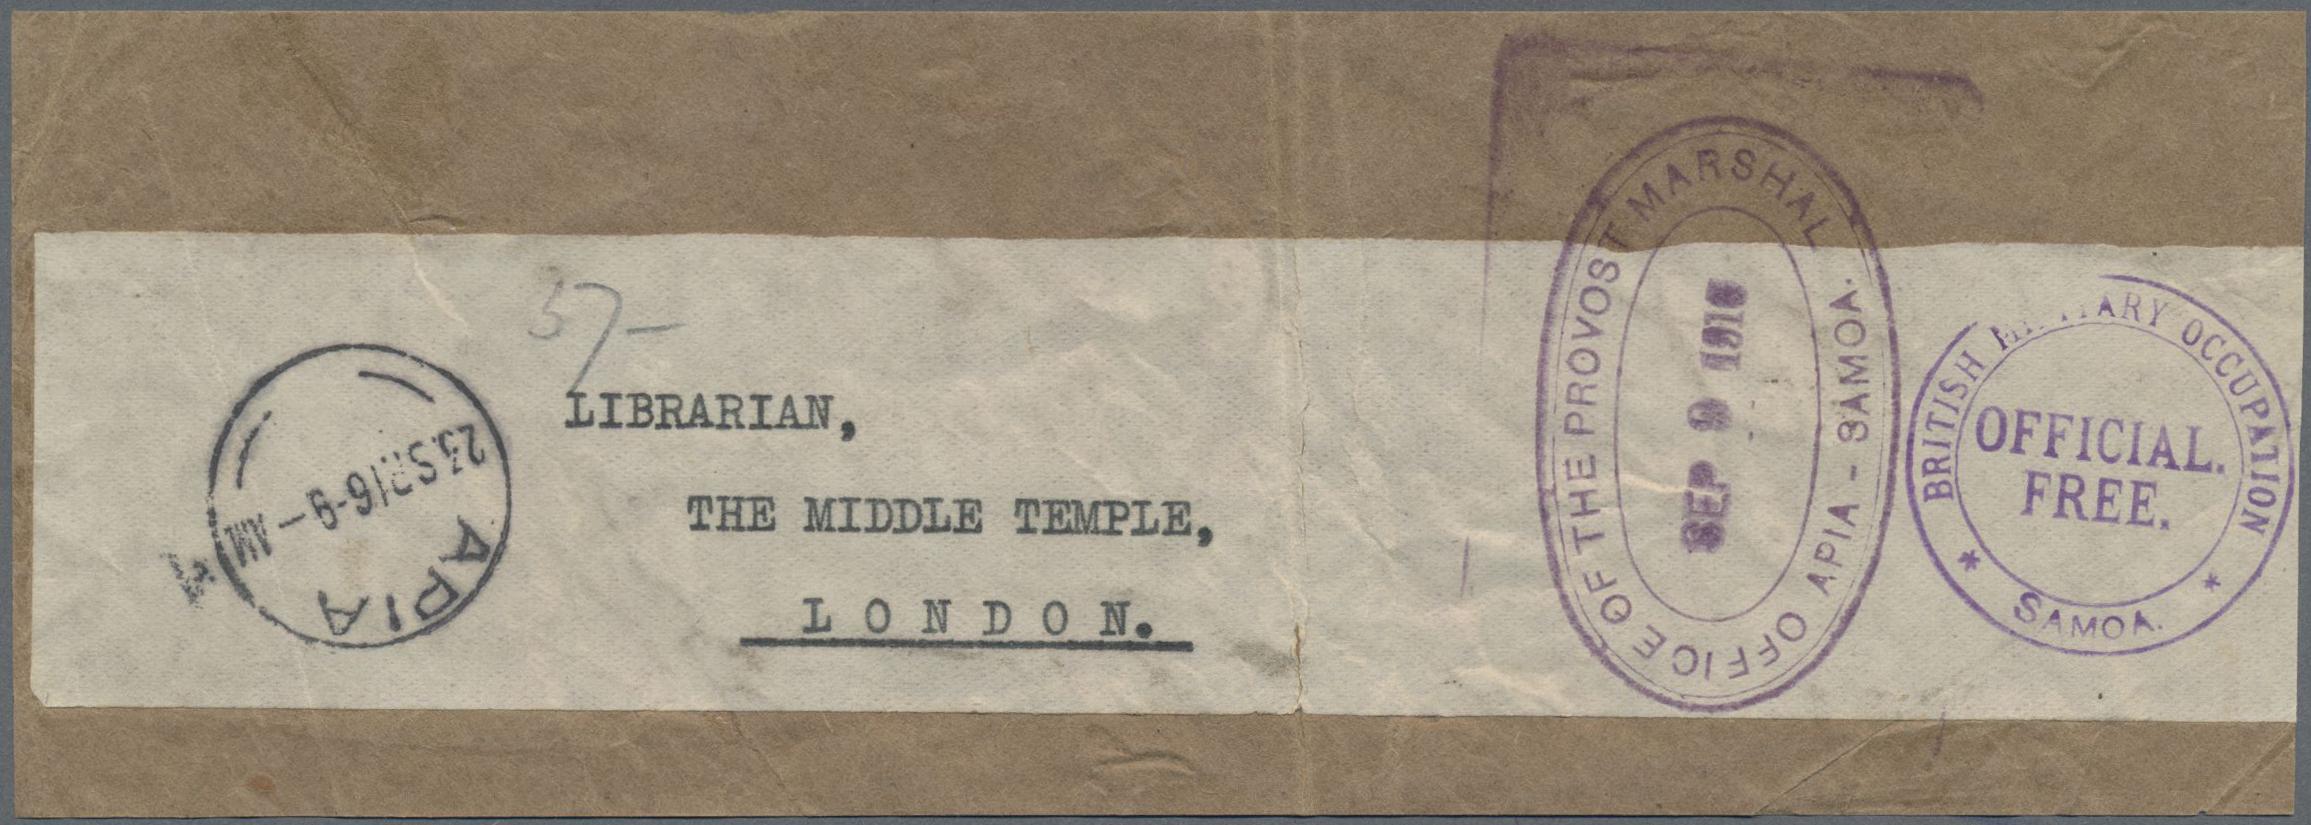 Lot 2142 - Deutsche Kolonien - Samoa - Britische Besetzung  -  Auktionshaus Edgar Mohrmann & Co. Internat. Briefmarken-Auktionen GmhH Auction #211